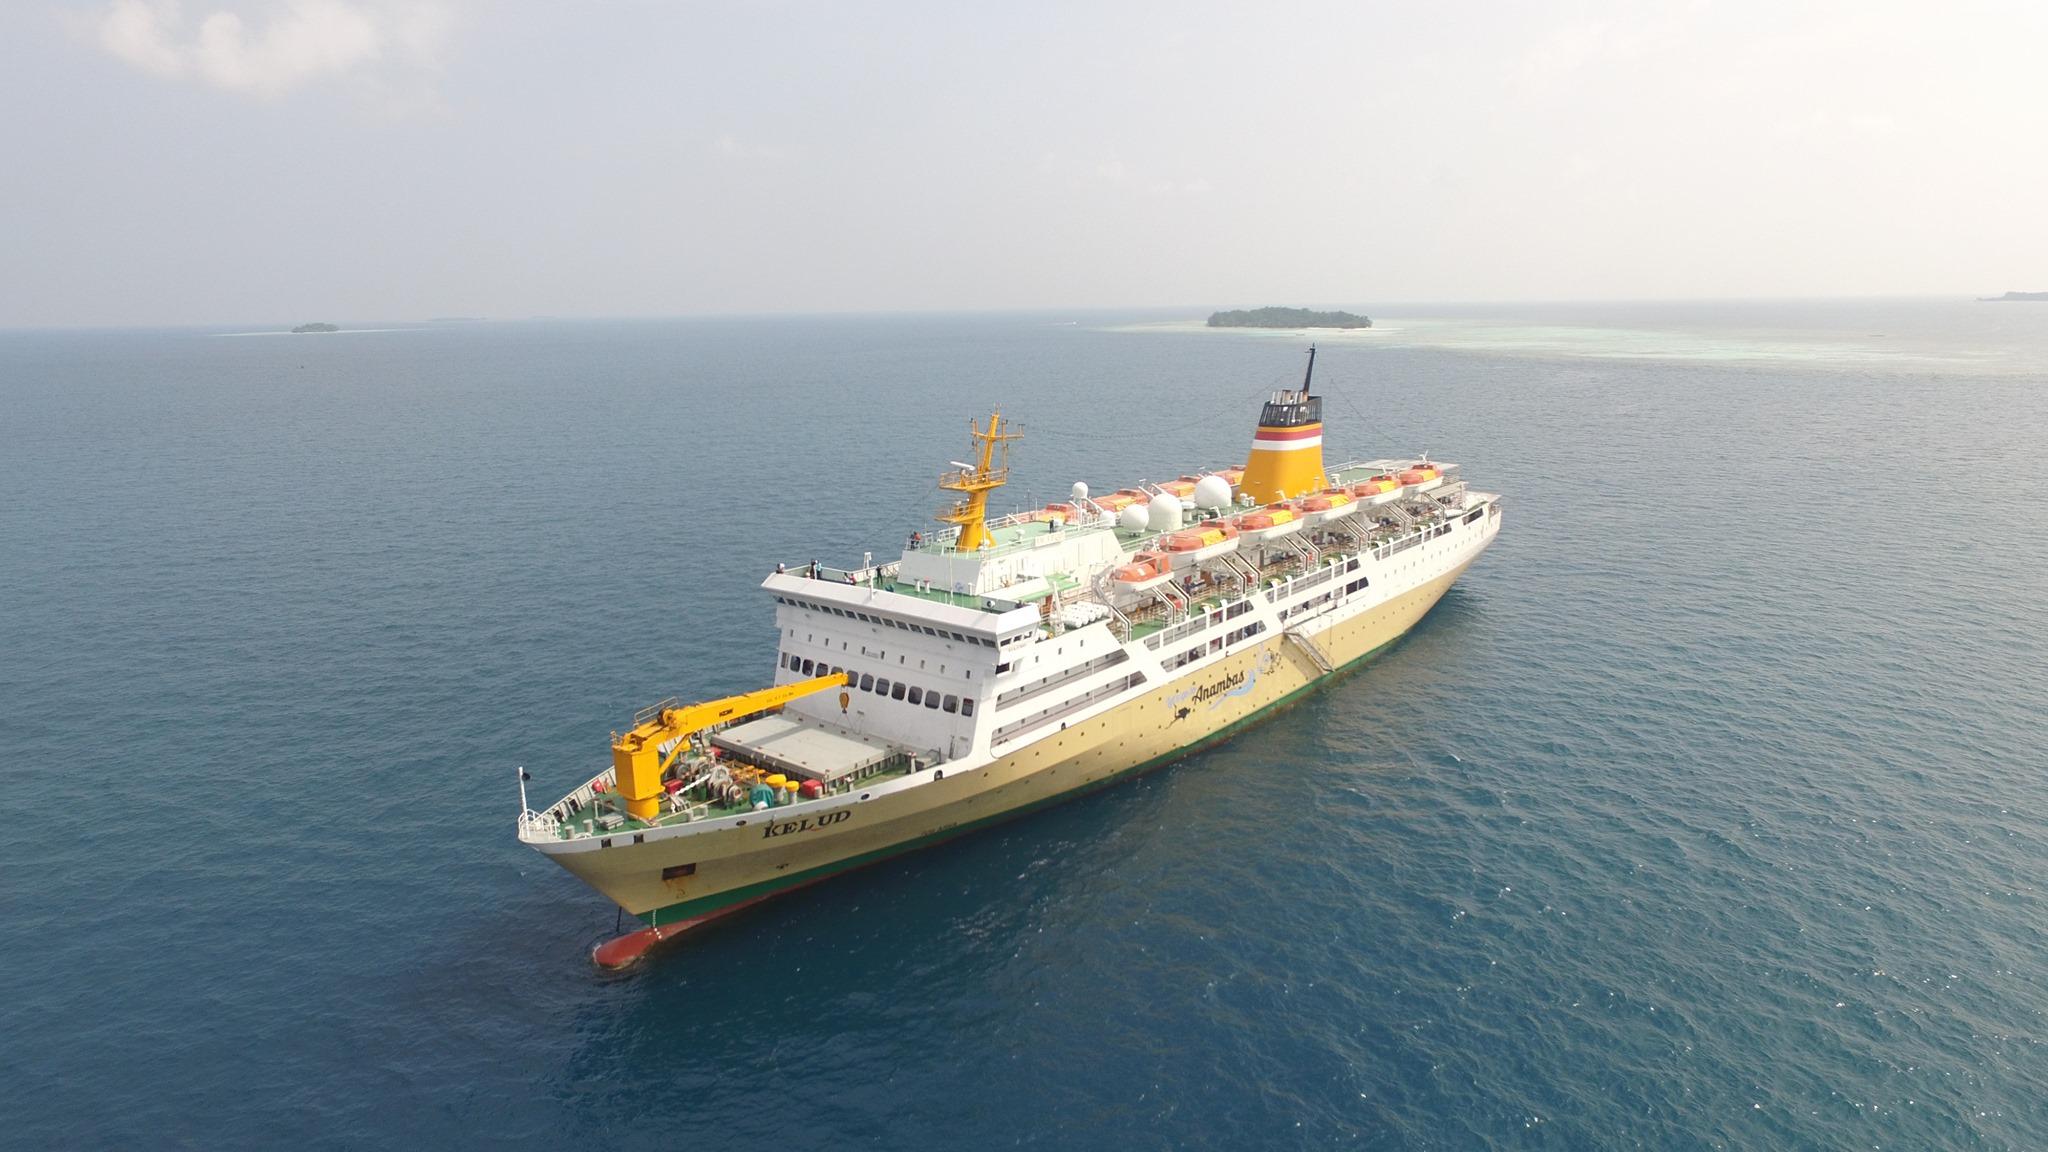 Jadwal Kapal Pelni KM Kelud Maret 2020